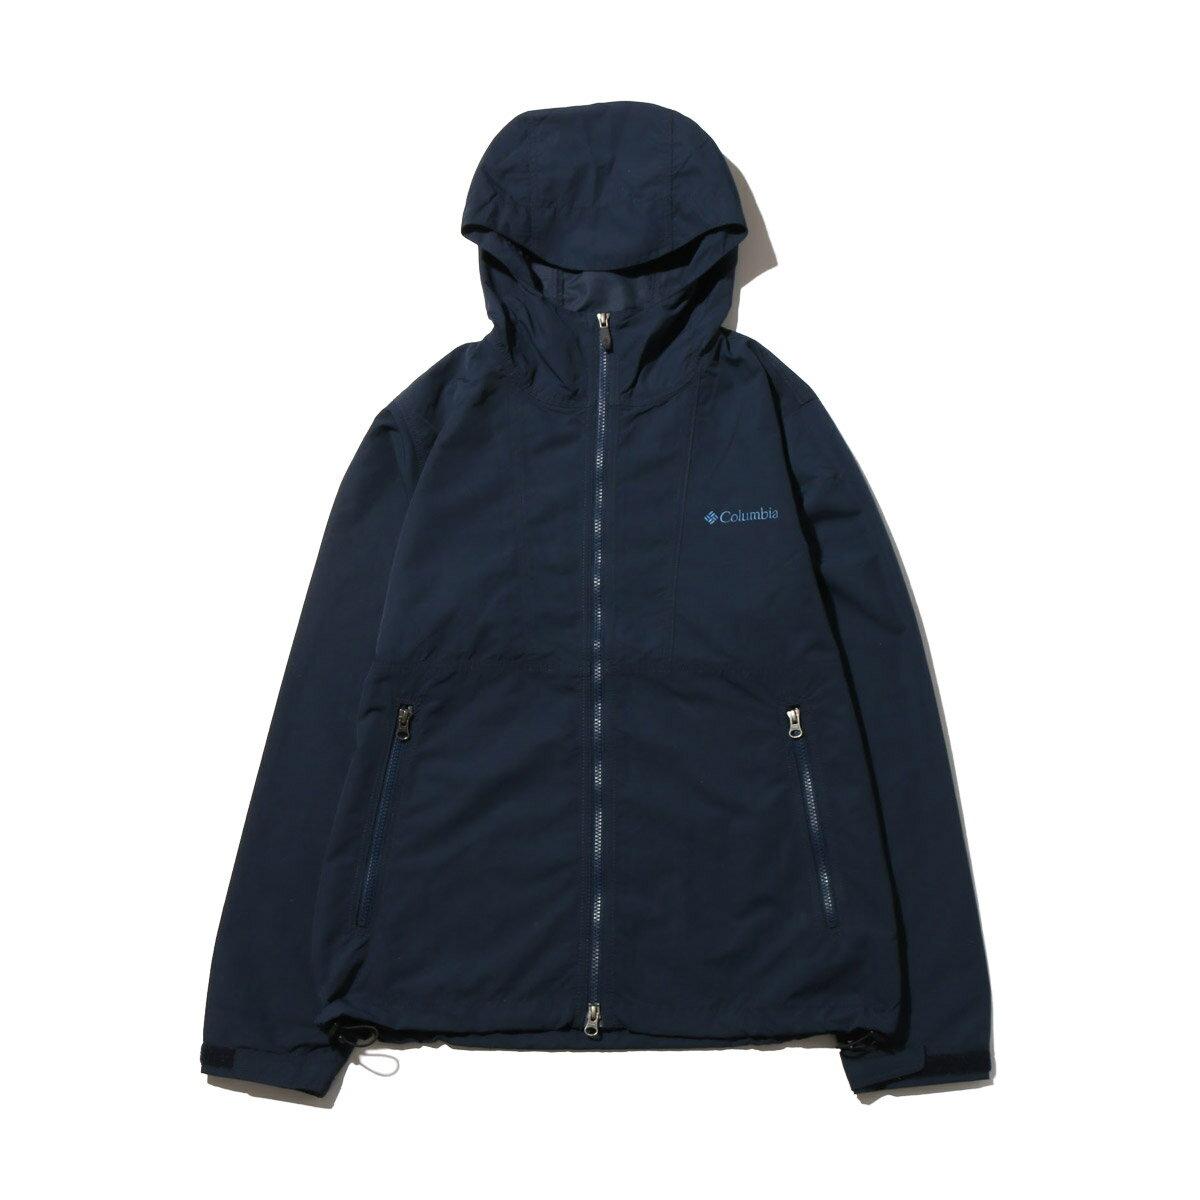 最新作2色 Columbia Hazen Standard Jacket(コロンビア ヘイゼン スタンダード ジャケット)Collegiate Navy【メンズ ジャケット】17FA-I